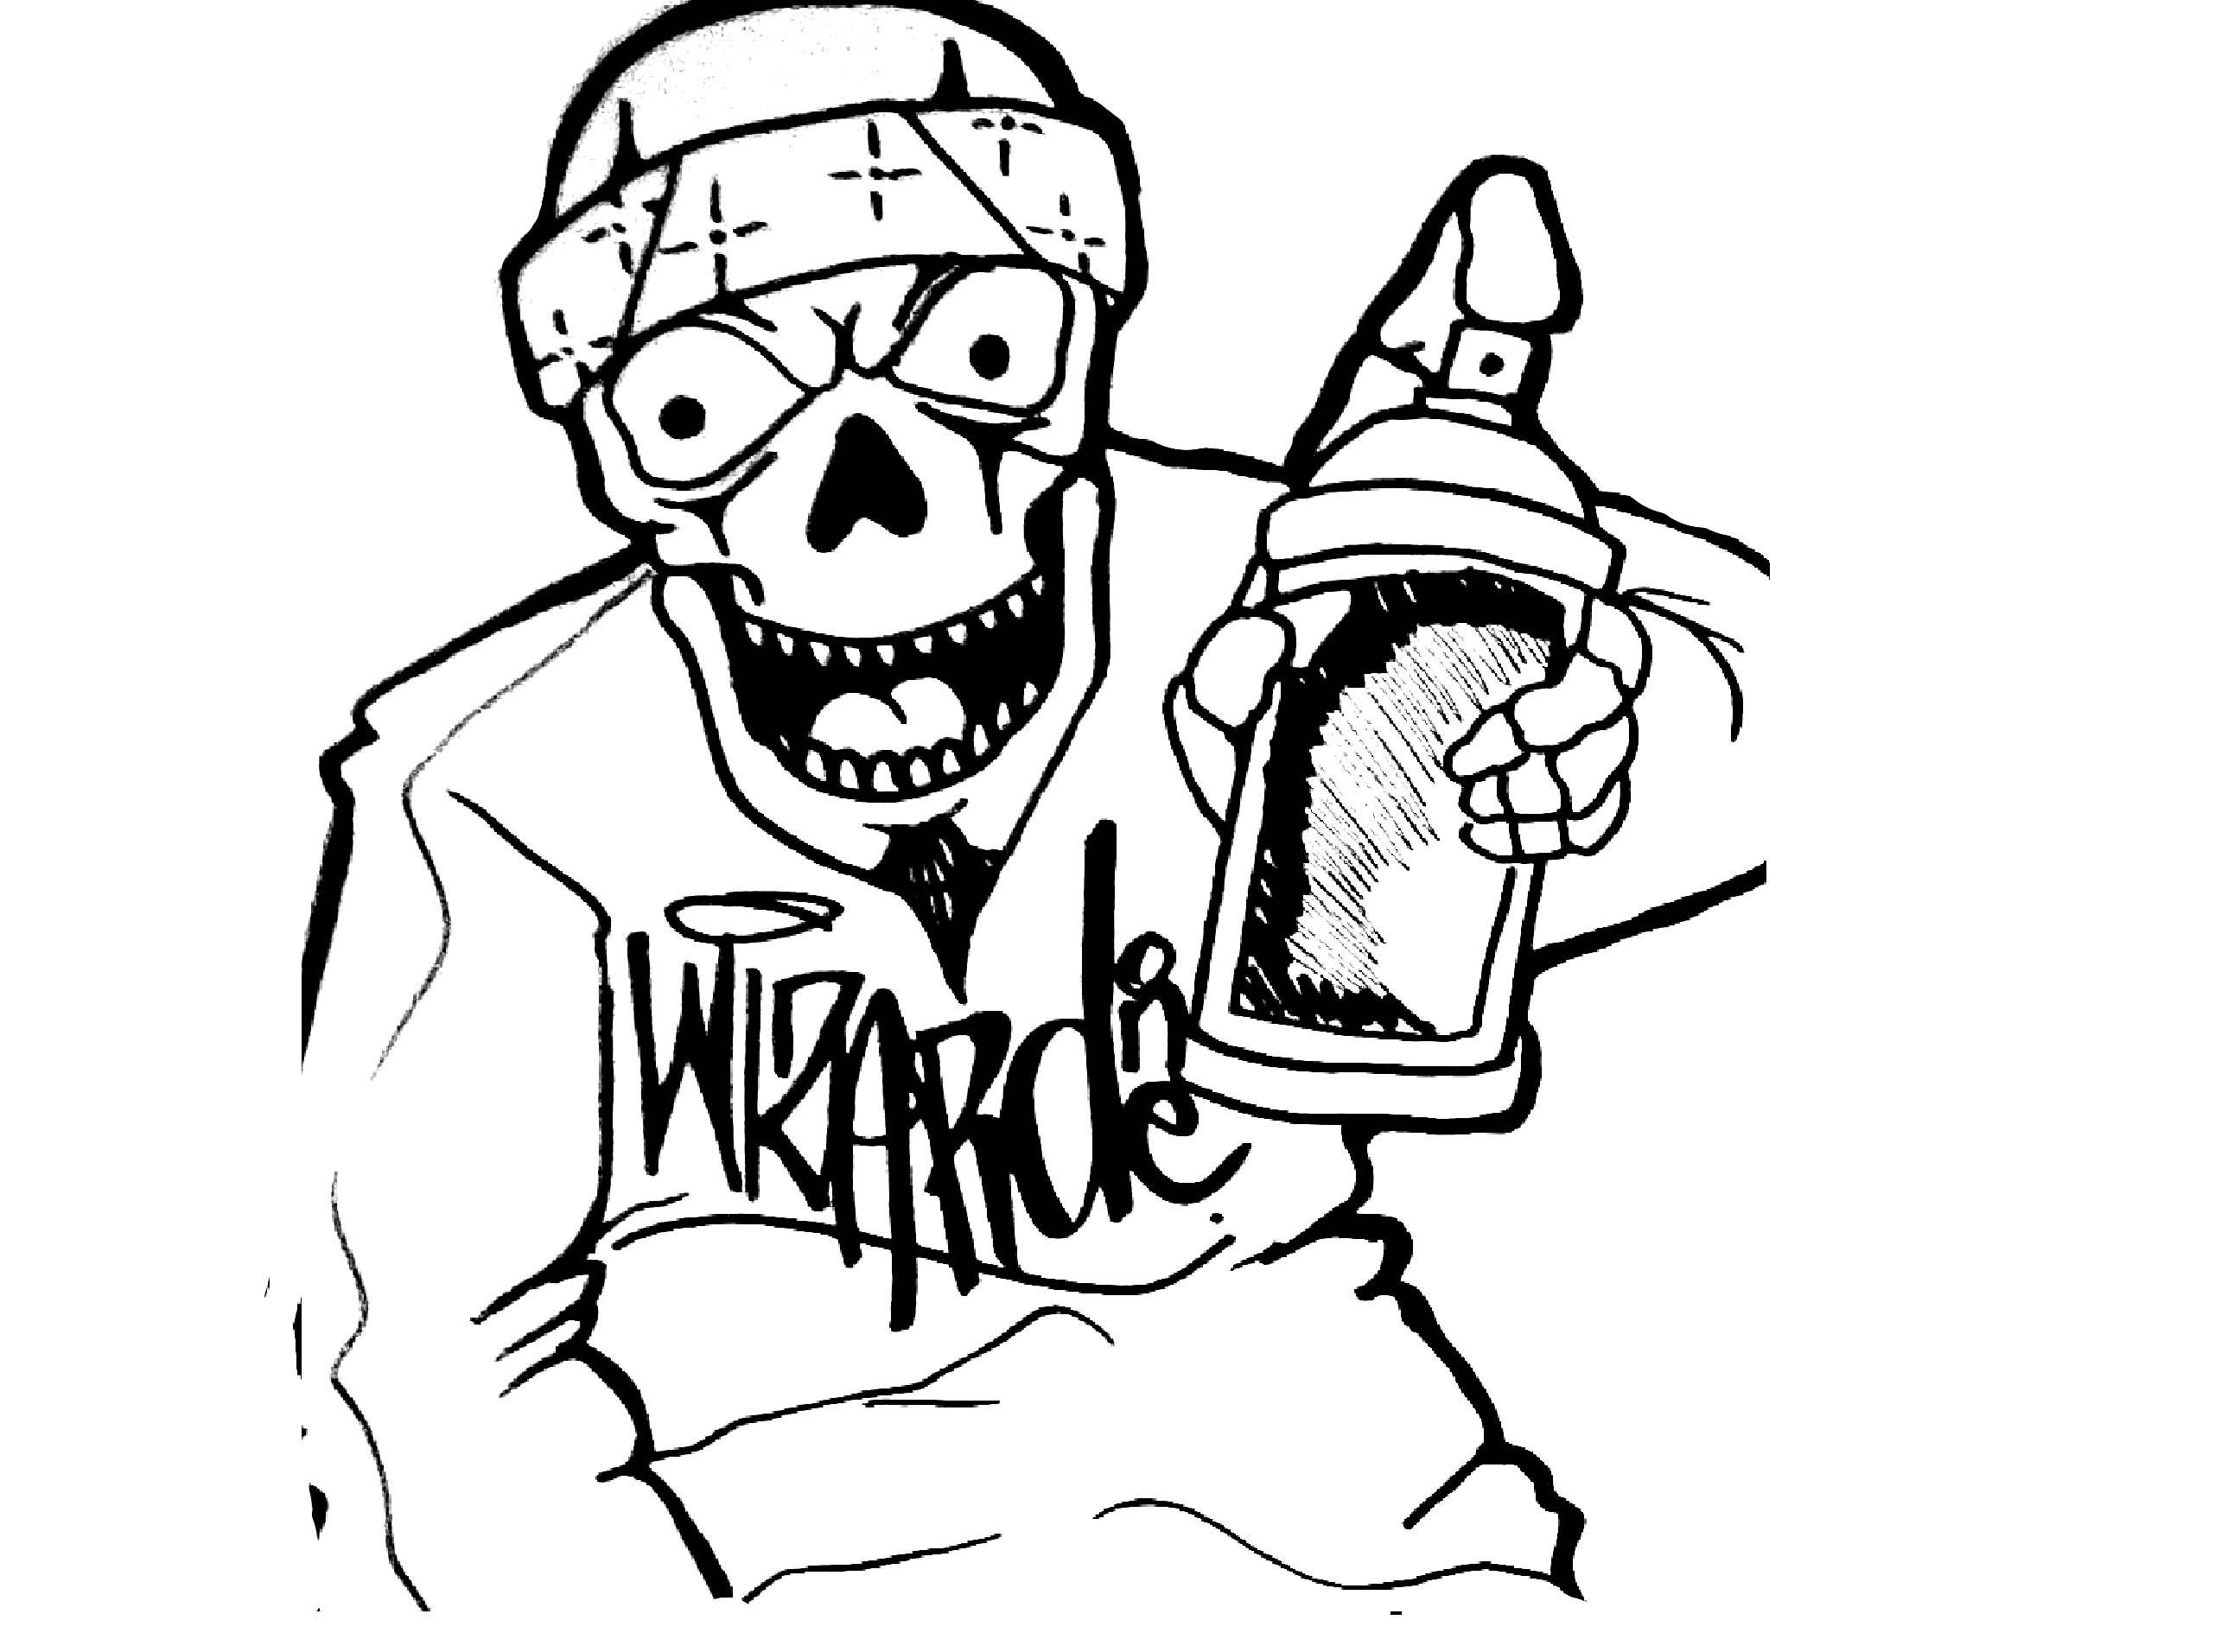 2592x1912 Graffiti Clown Drawings